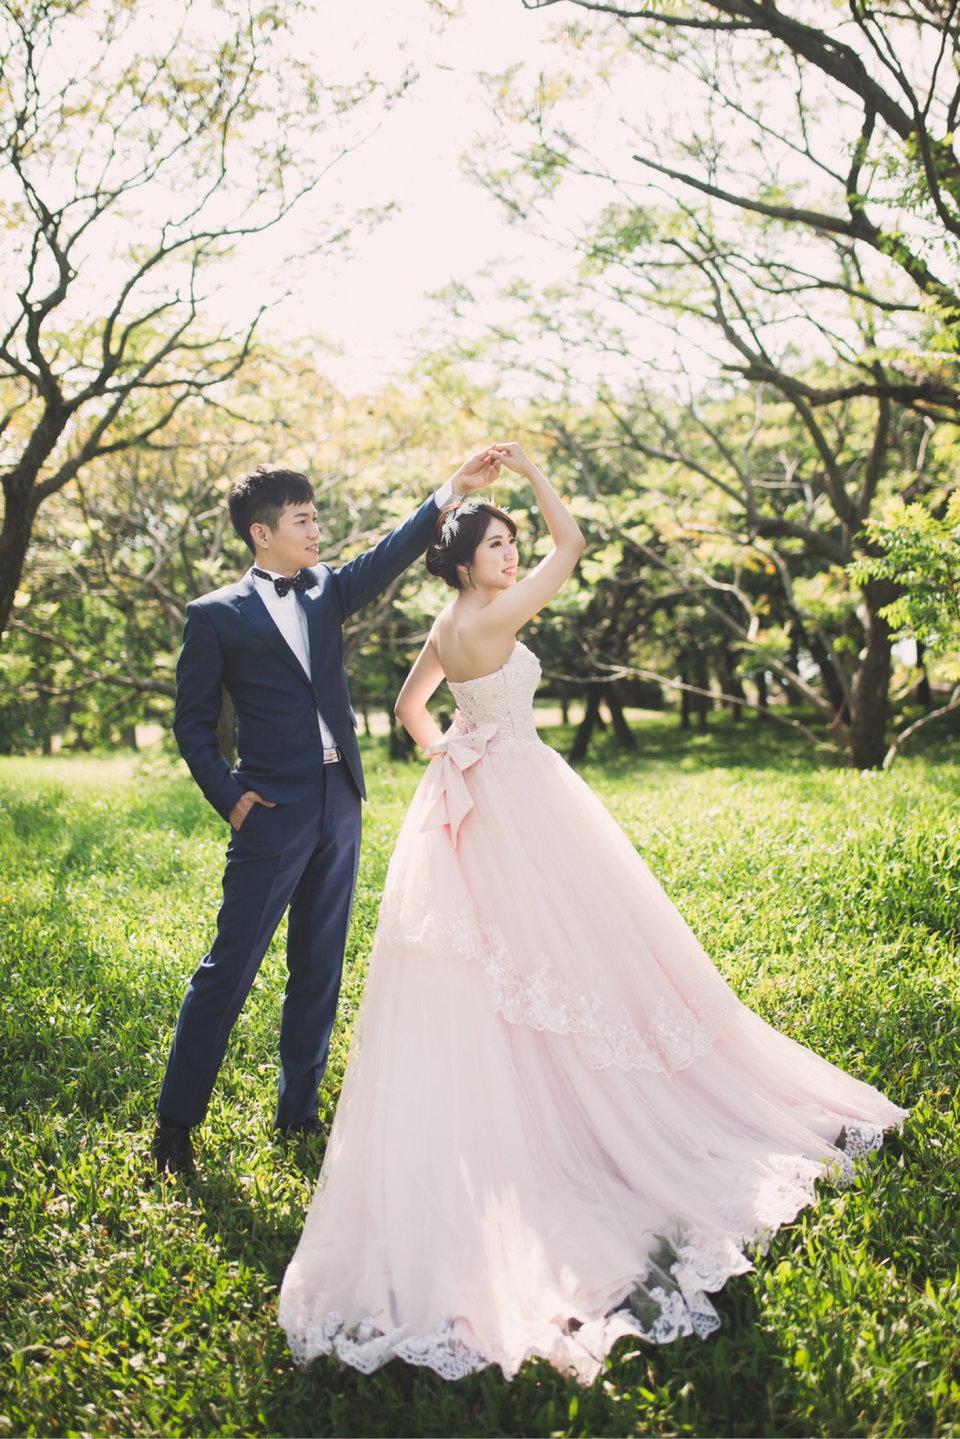 綿谷結婚式-台中店,推薦綿谷結婚式!